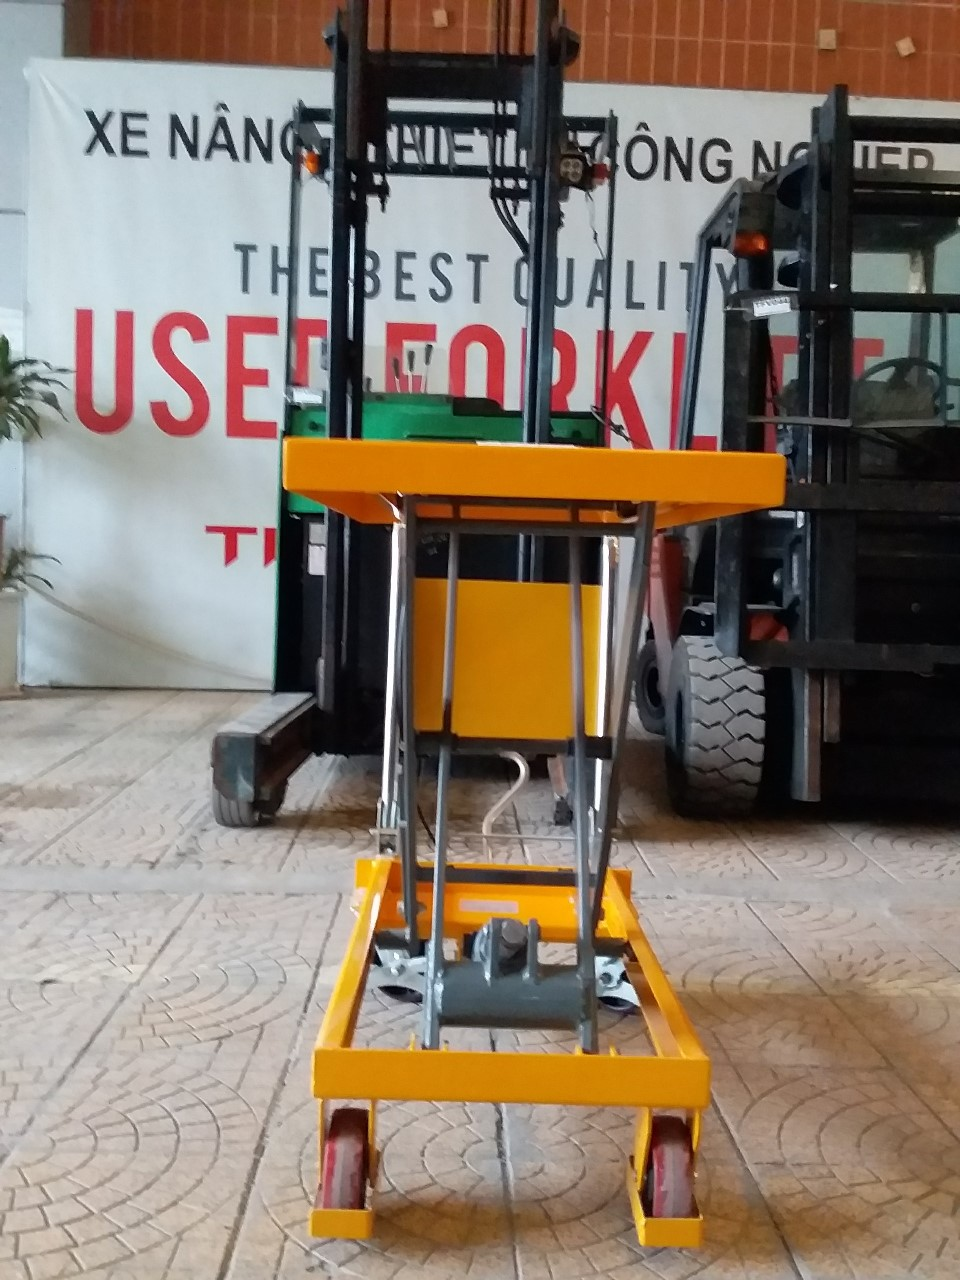 Bàn   nâng,hiệu   totallifter,   tải   trọng   nâng 500kg,   KT   990x500x1100   mm, hàng   mới 100%( mã 12248616)